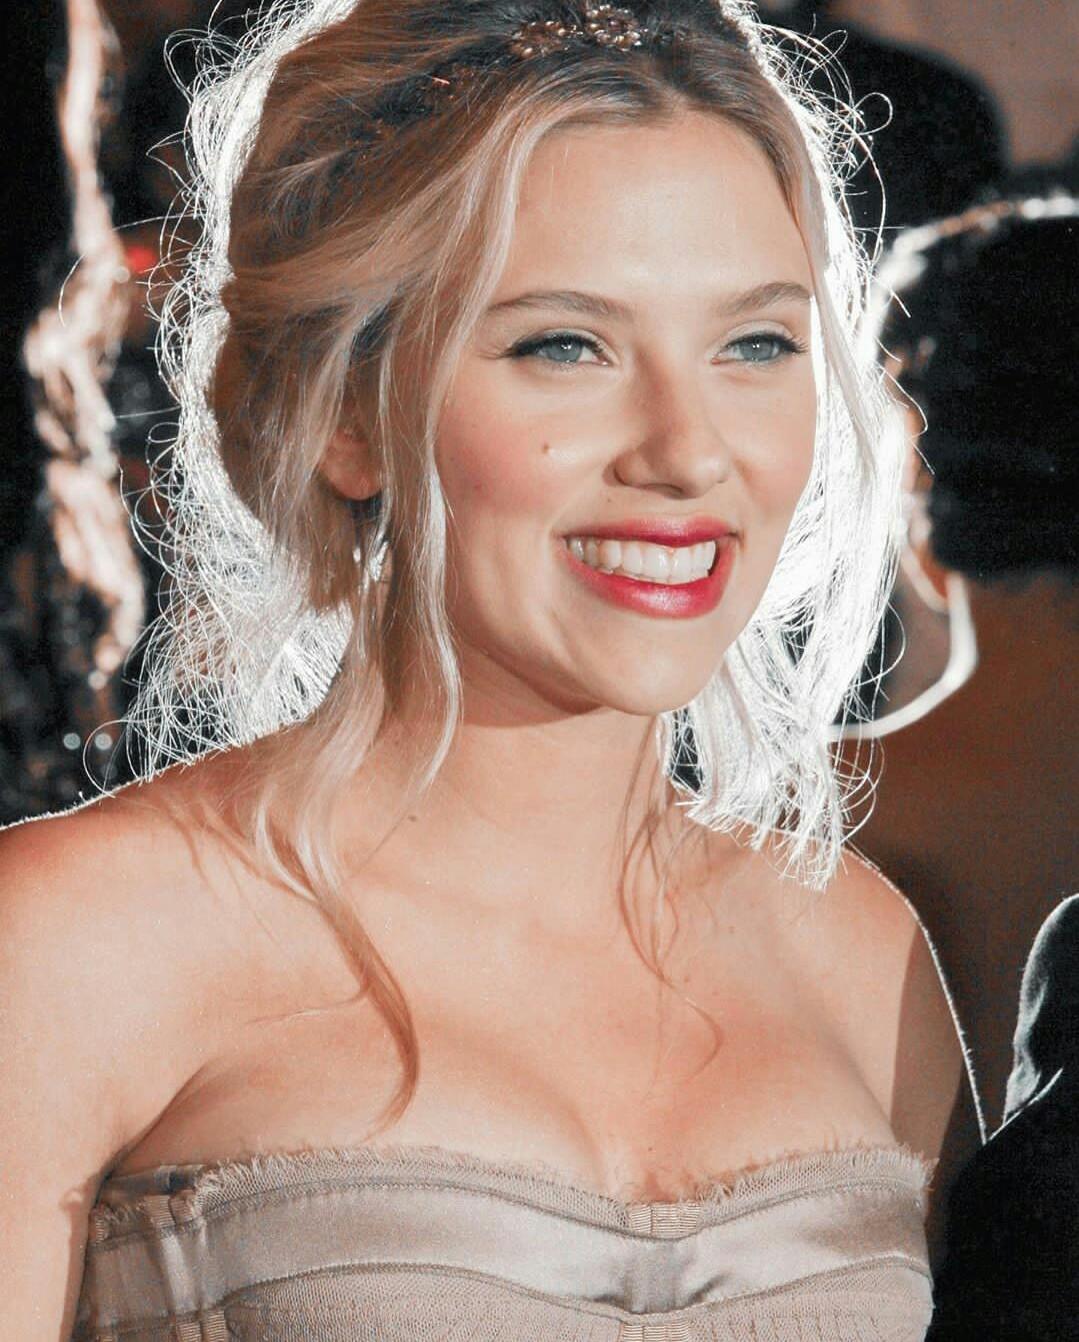 2008年Met Gala上演绎裸色长裙的斯嘉丽·约翰逊